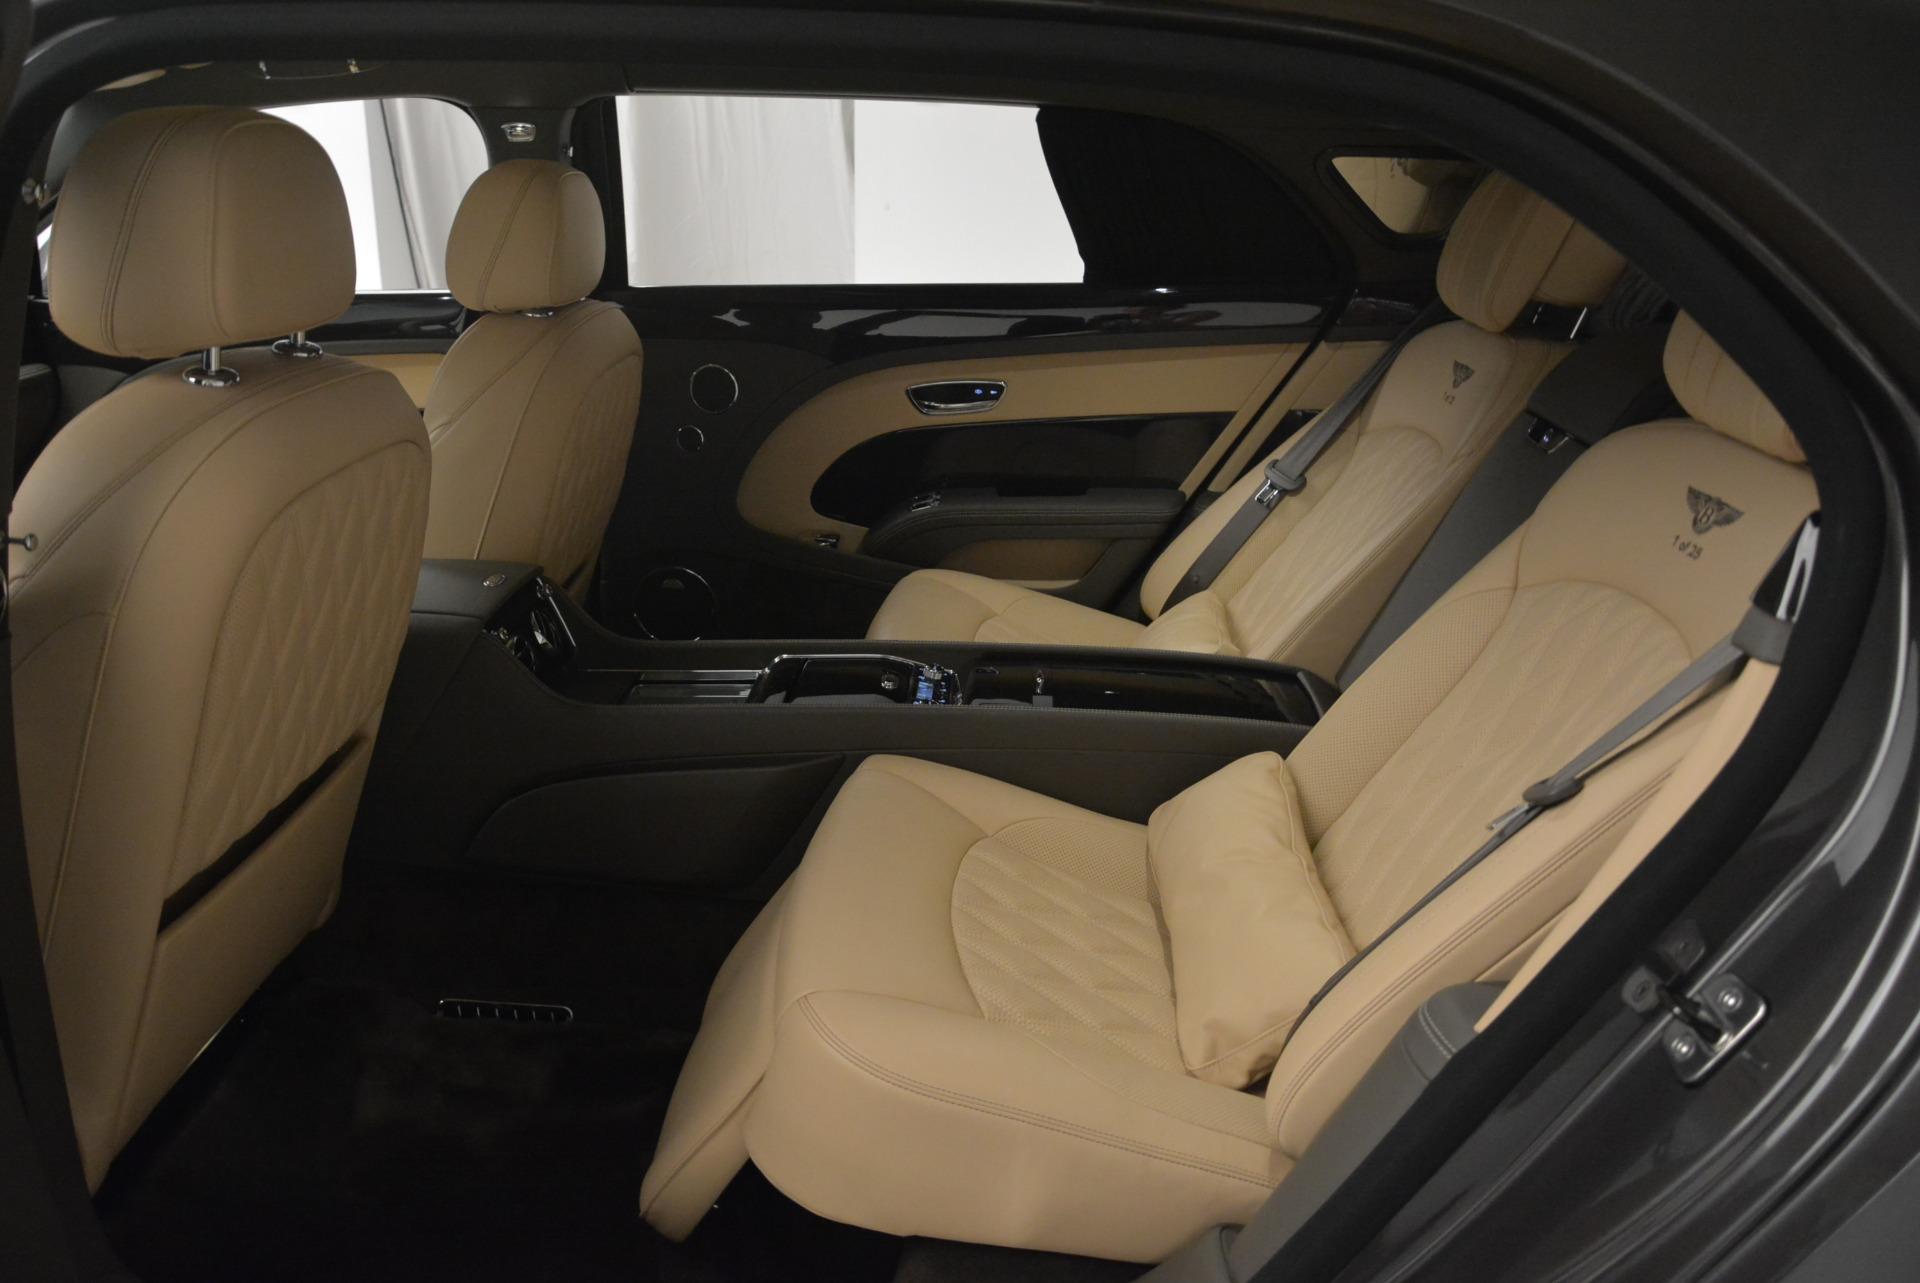 Used 2017 Bentley Mulsanne EWB For Sale In Westport, CT 1554_p18